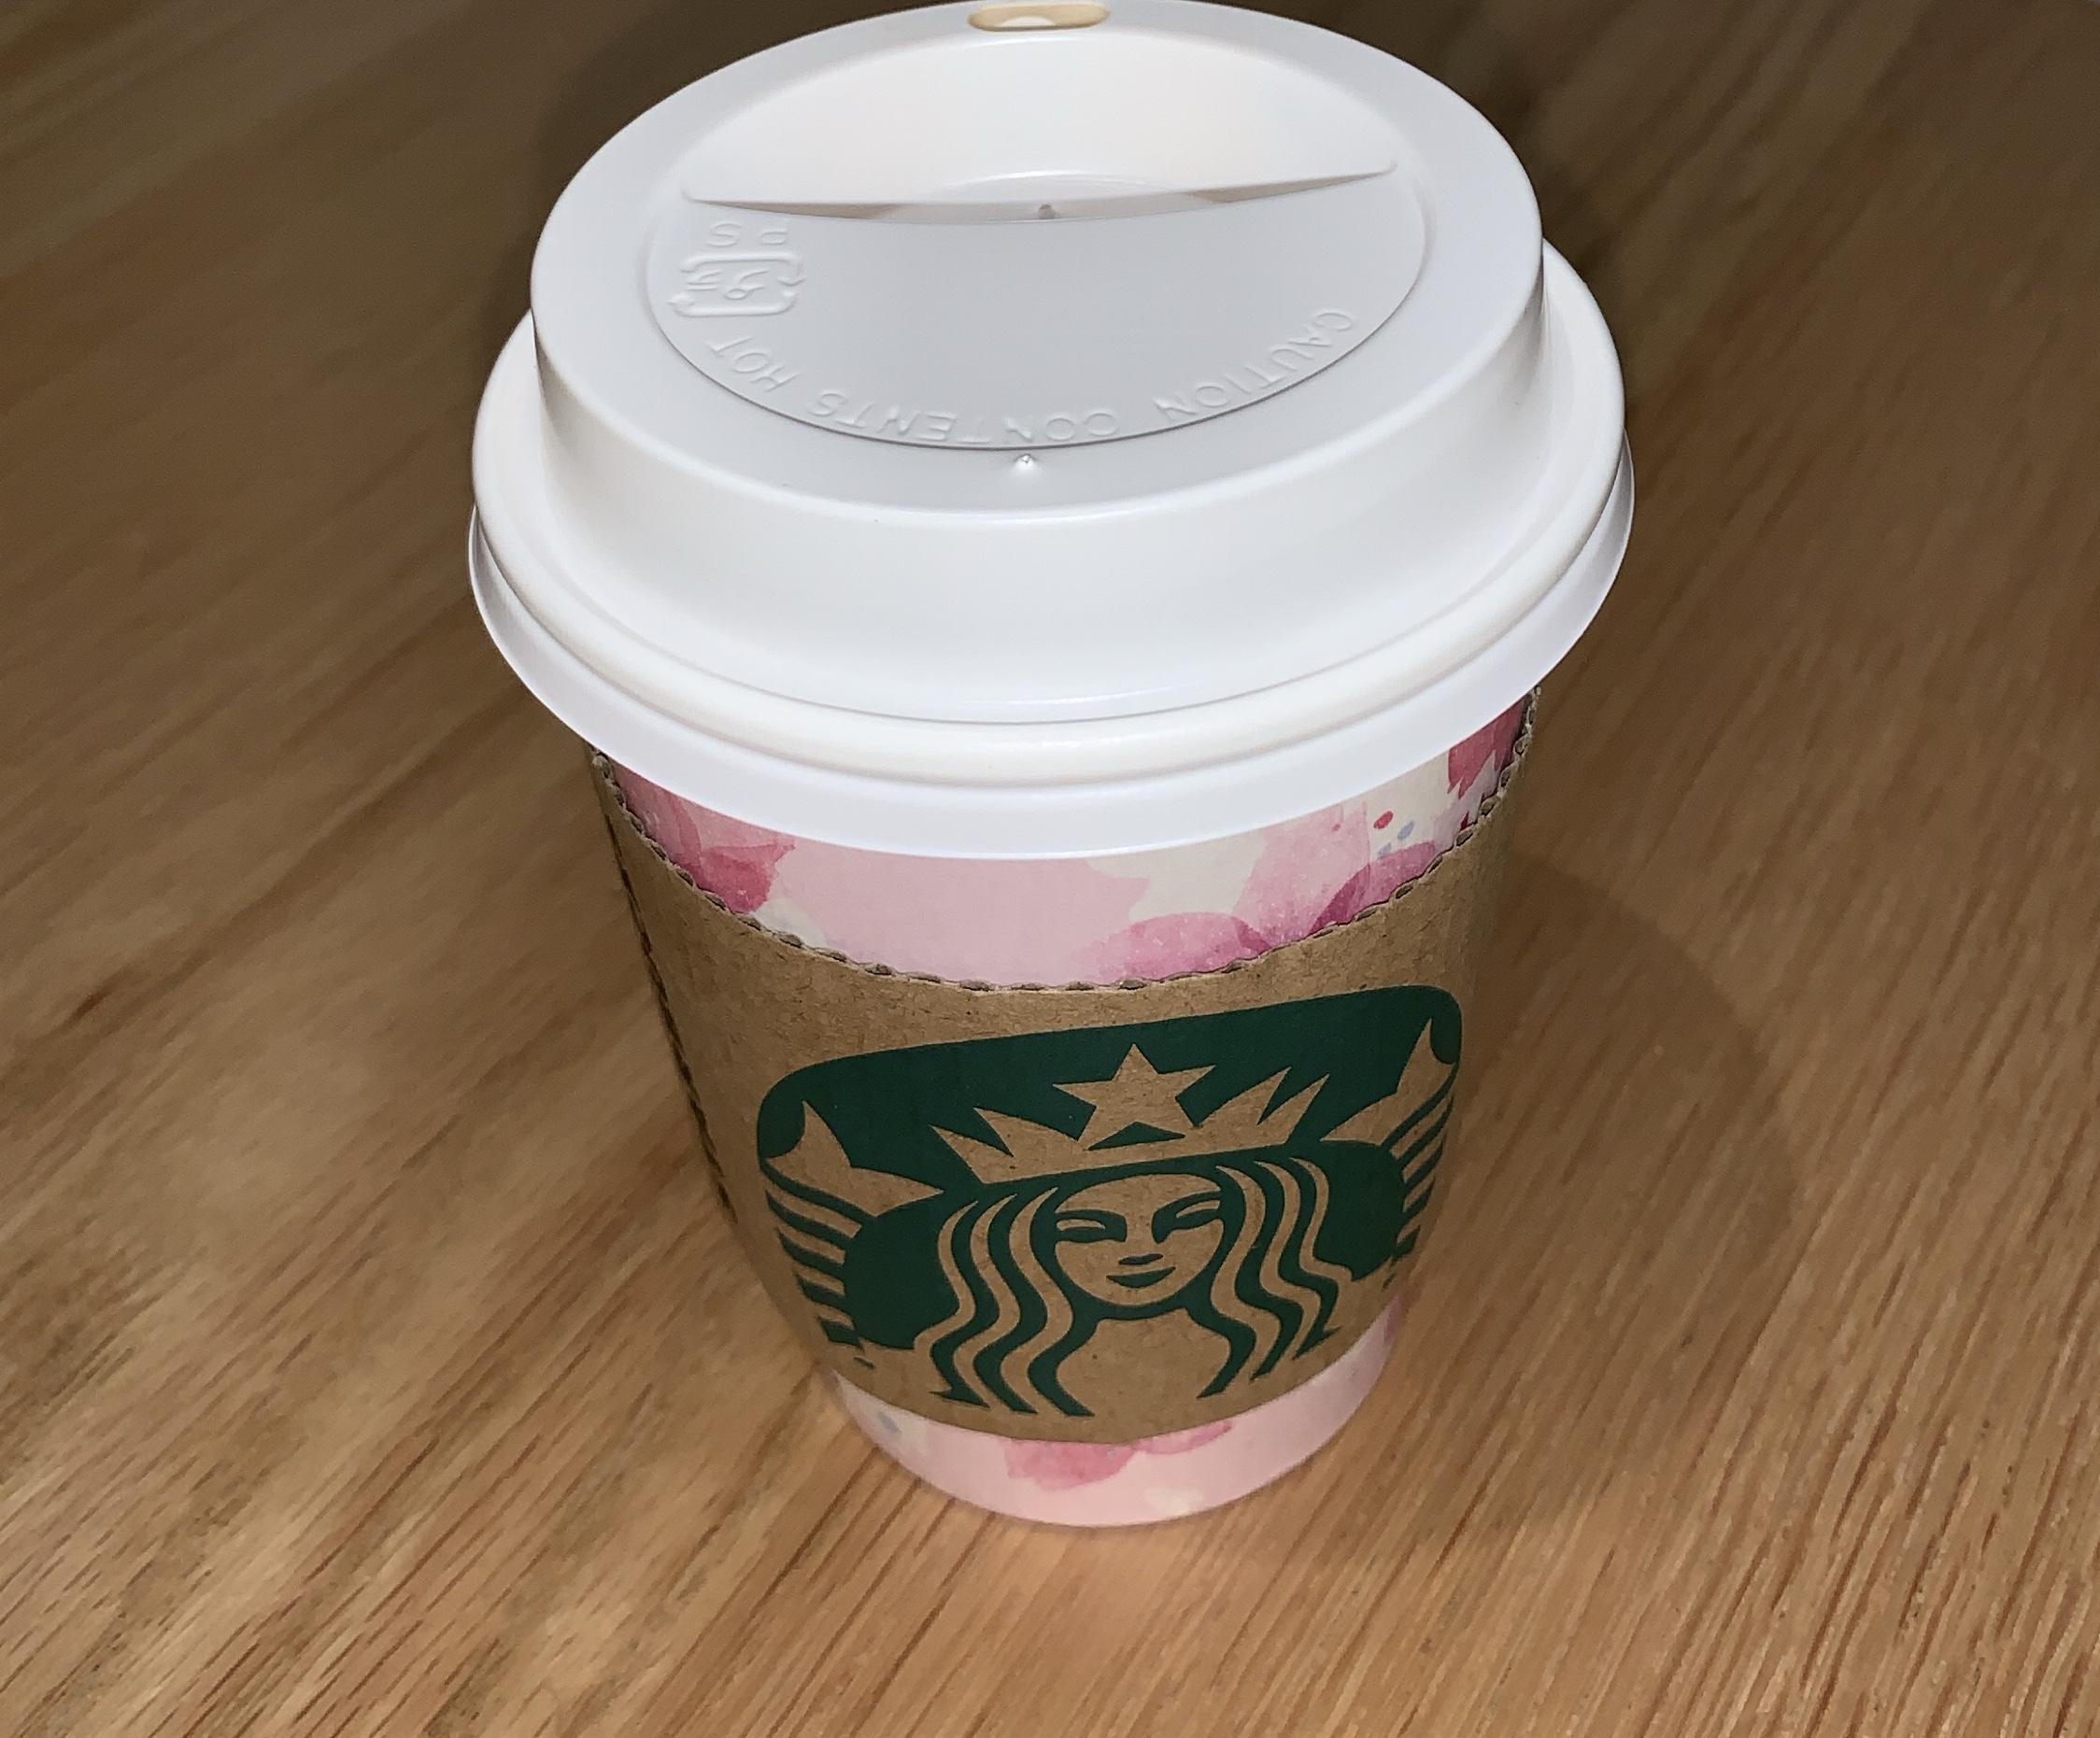 人妻さん日誌:スタバのコーヒー何が